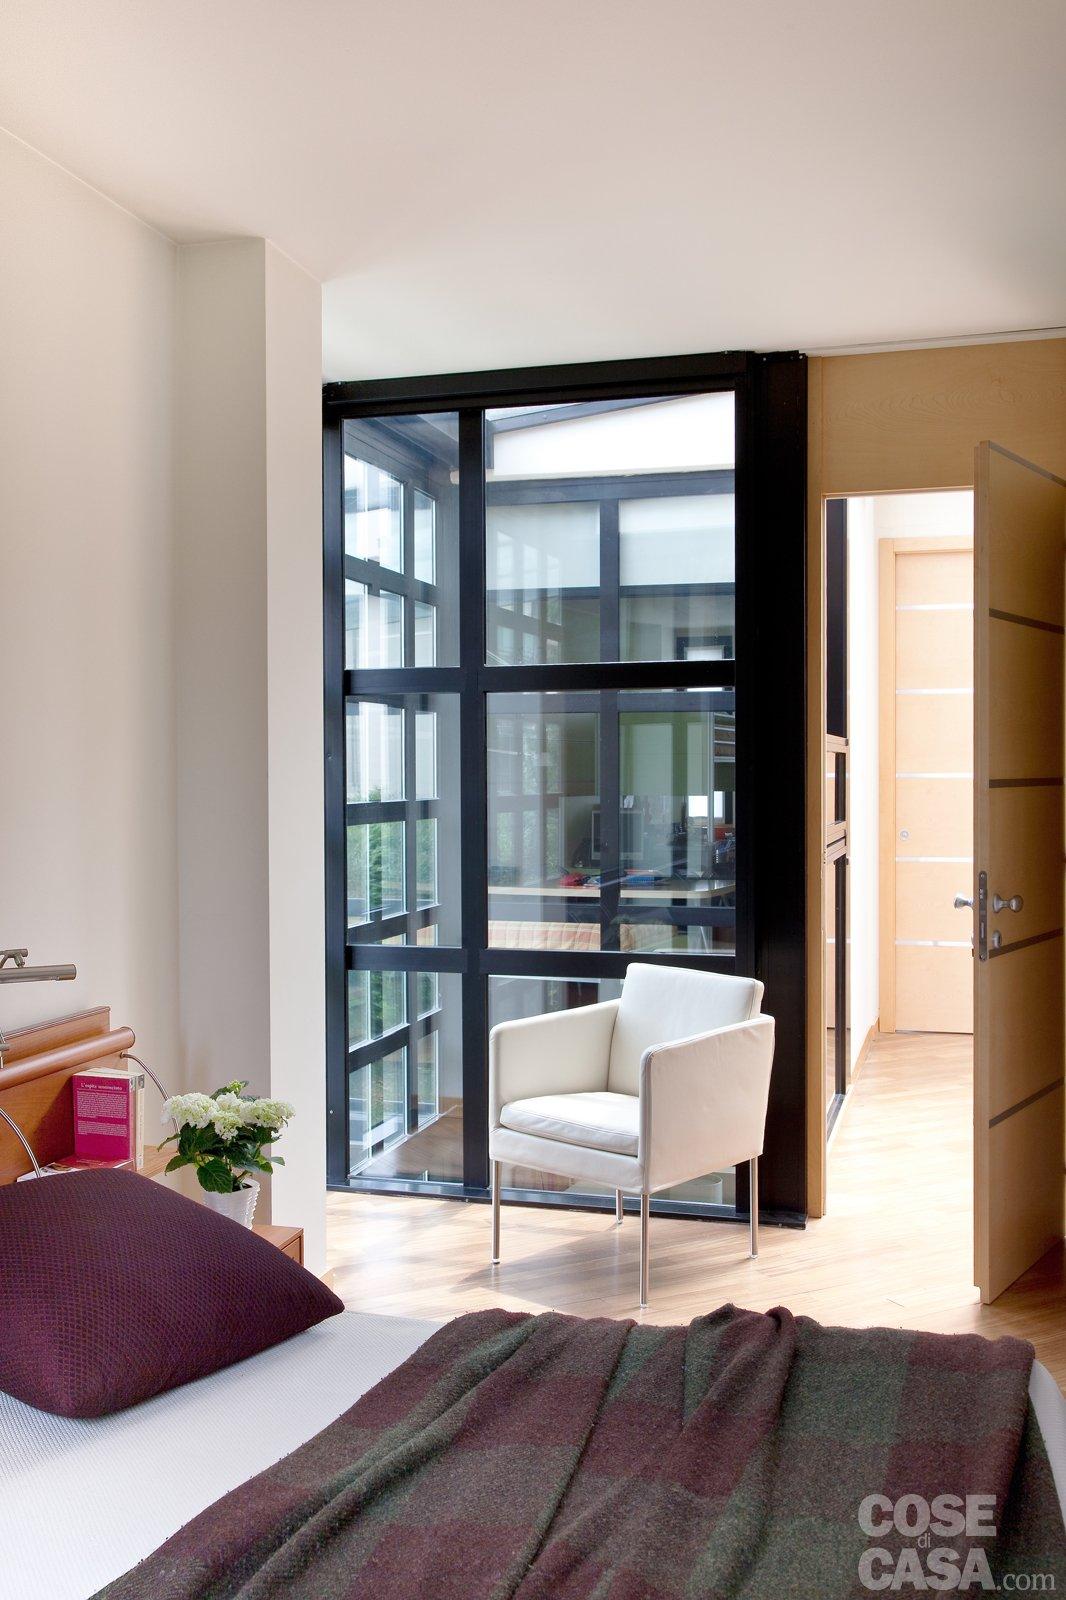 Una casa con soluzioni che moltiplicano la luce cose di casa for Come costruisco una casa